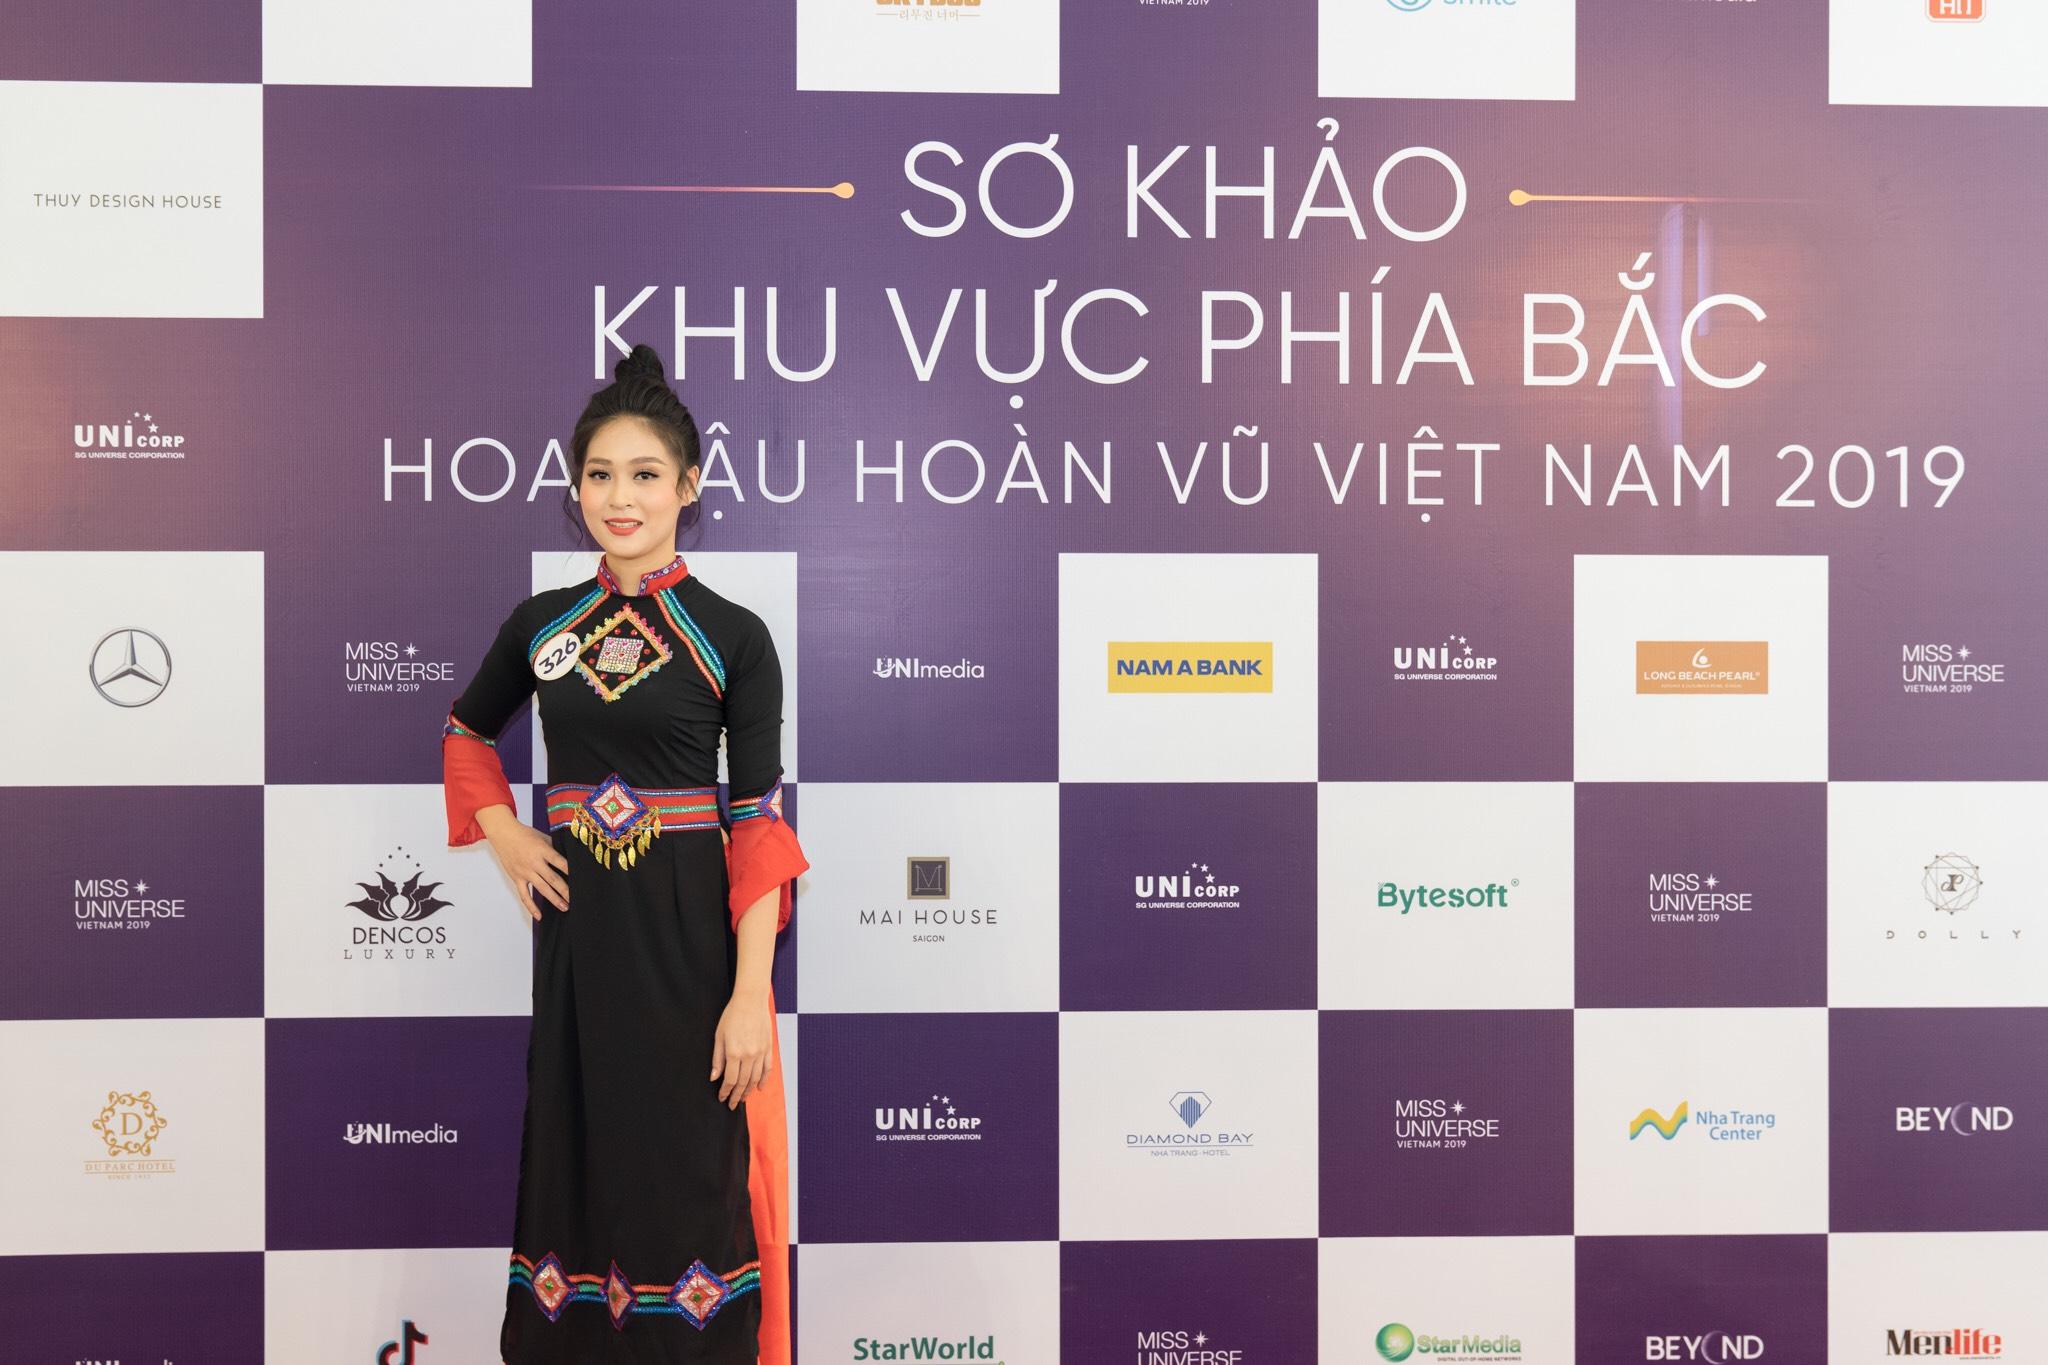 Thi sinh so khao phia Bac Hoa hau Hoan vu Viet Nam 2019 (1)